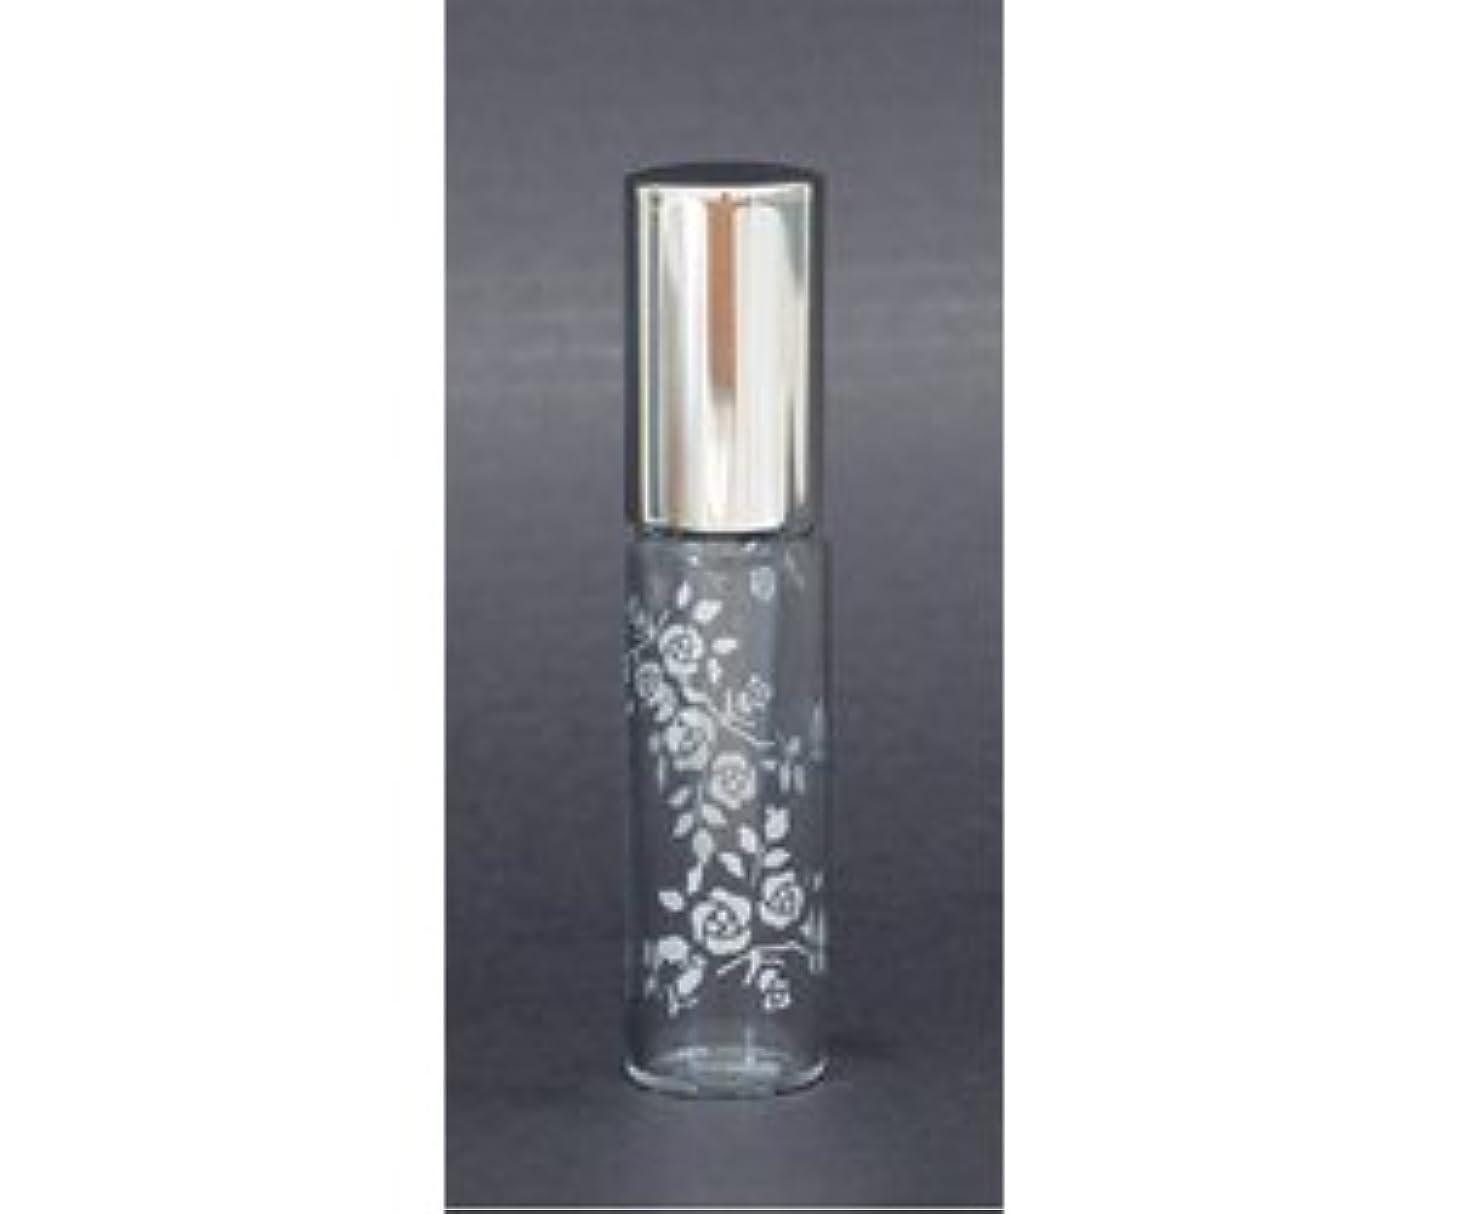 高さ概念カートヤマダアトマイザー コロプチ パフュームローラー 香水 携帯用 詰め換え用付属品入り 60714 アトマイザー